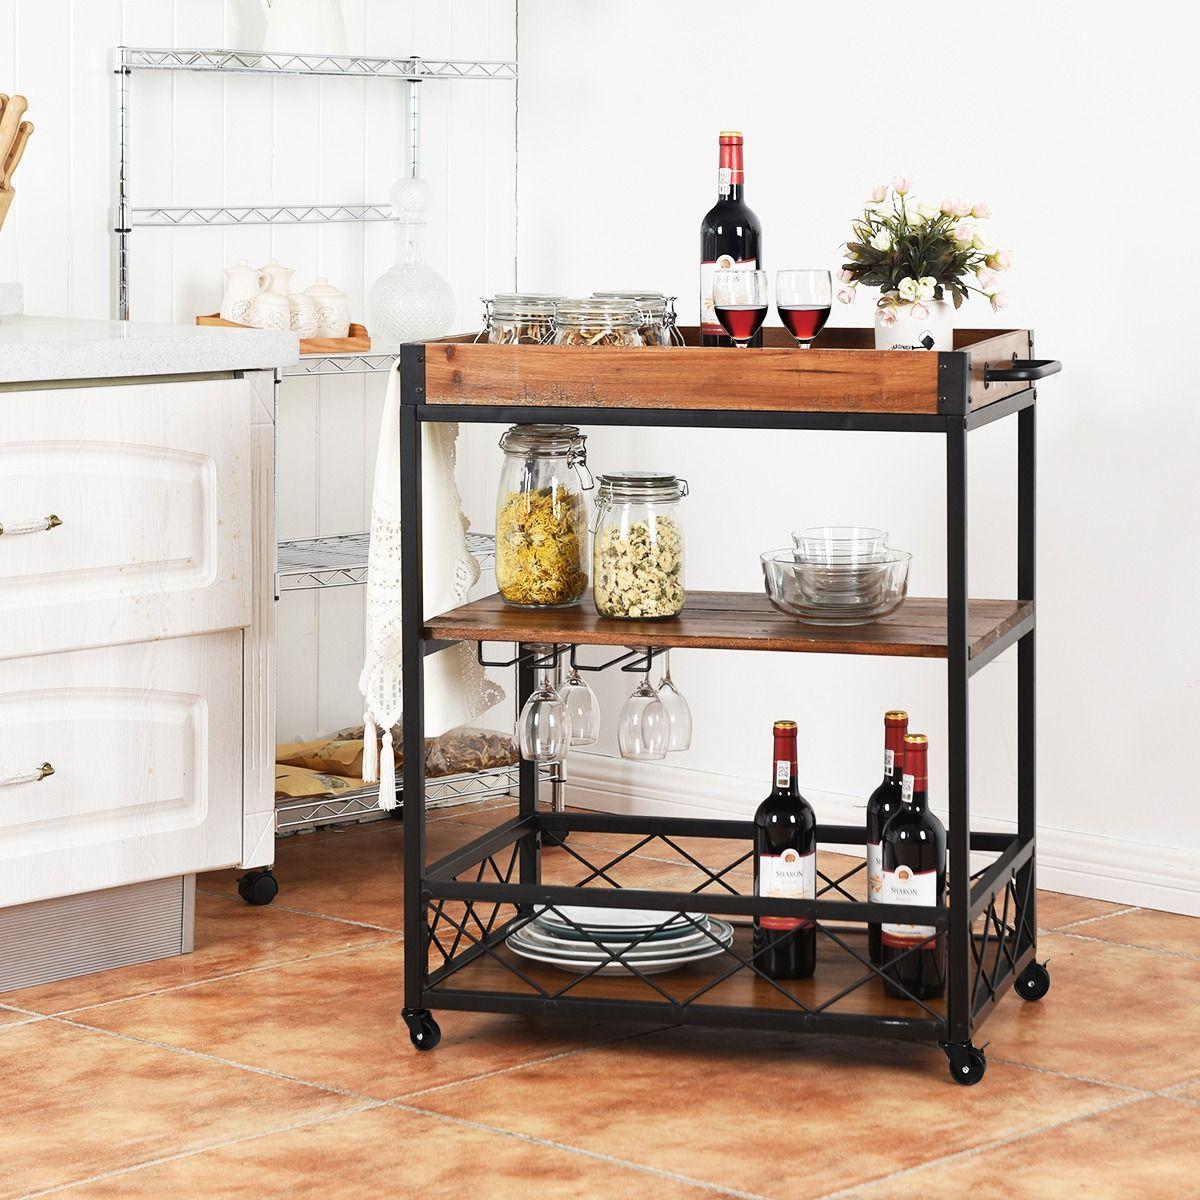 Desserte Chariot De Cuisine A Roulettes En Bois Fer 78 X 46 X 82 5cm Brun Fonce En 2020 Avec Images Desserte Cuisine Chariot Cuisine Rangement Cuisine